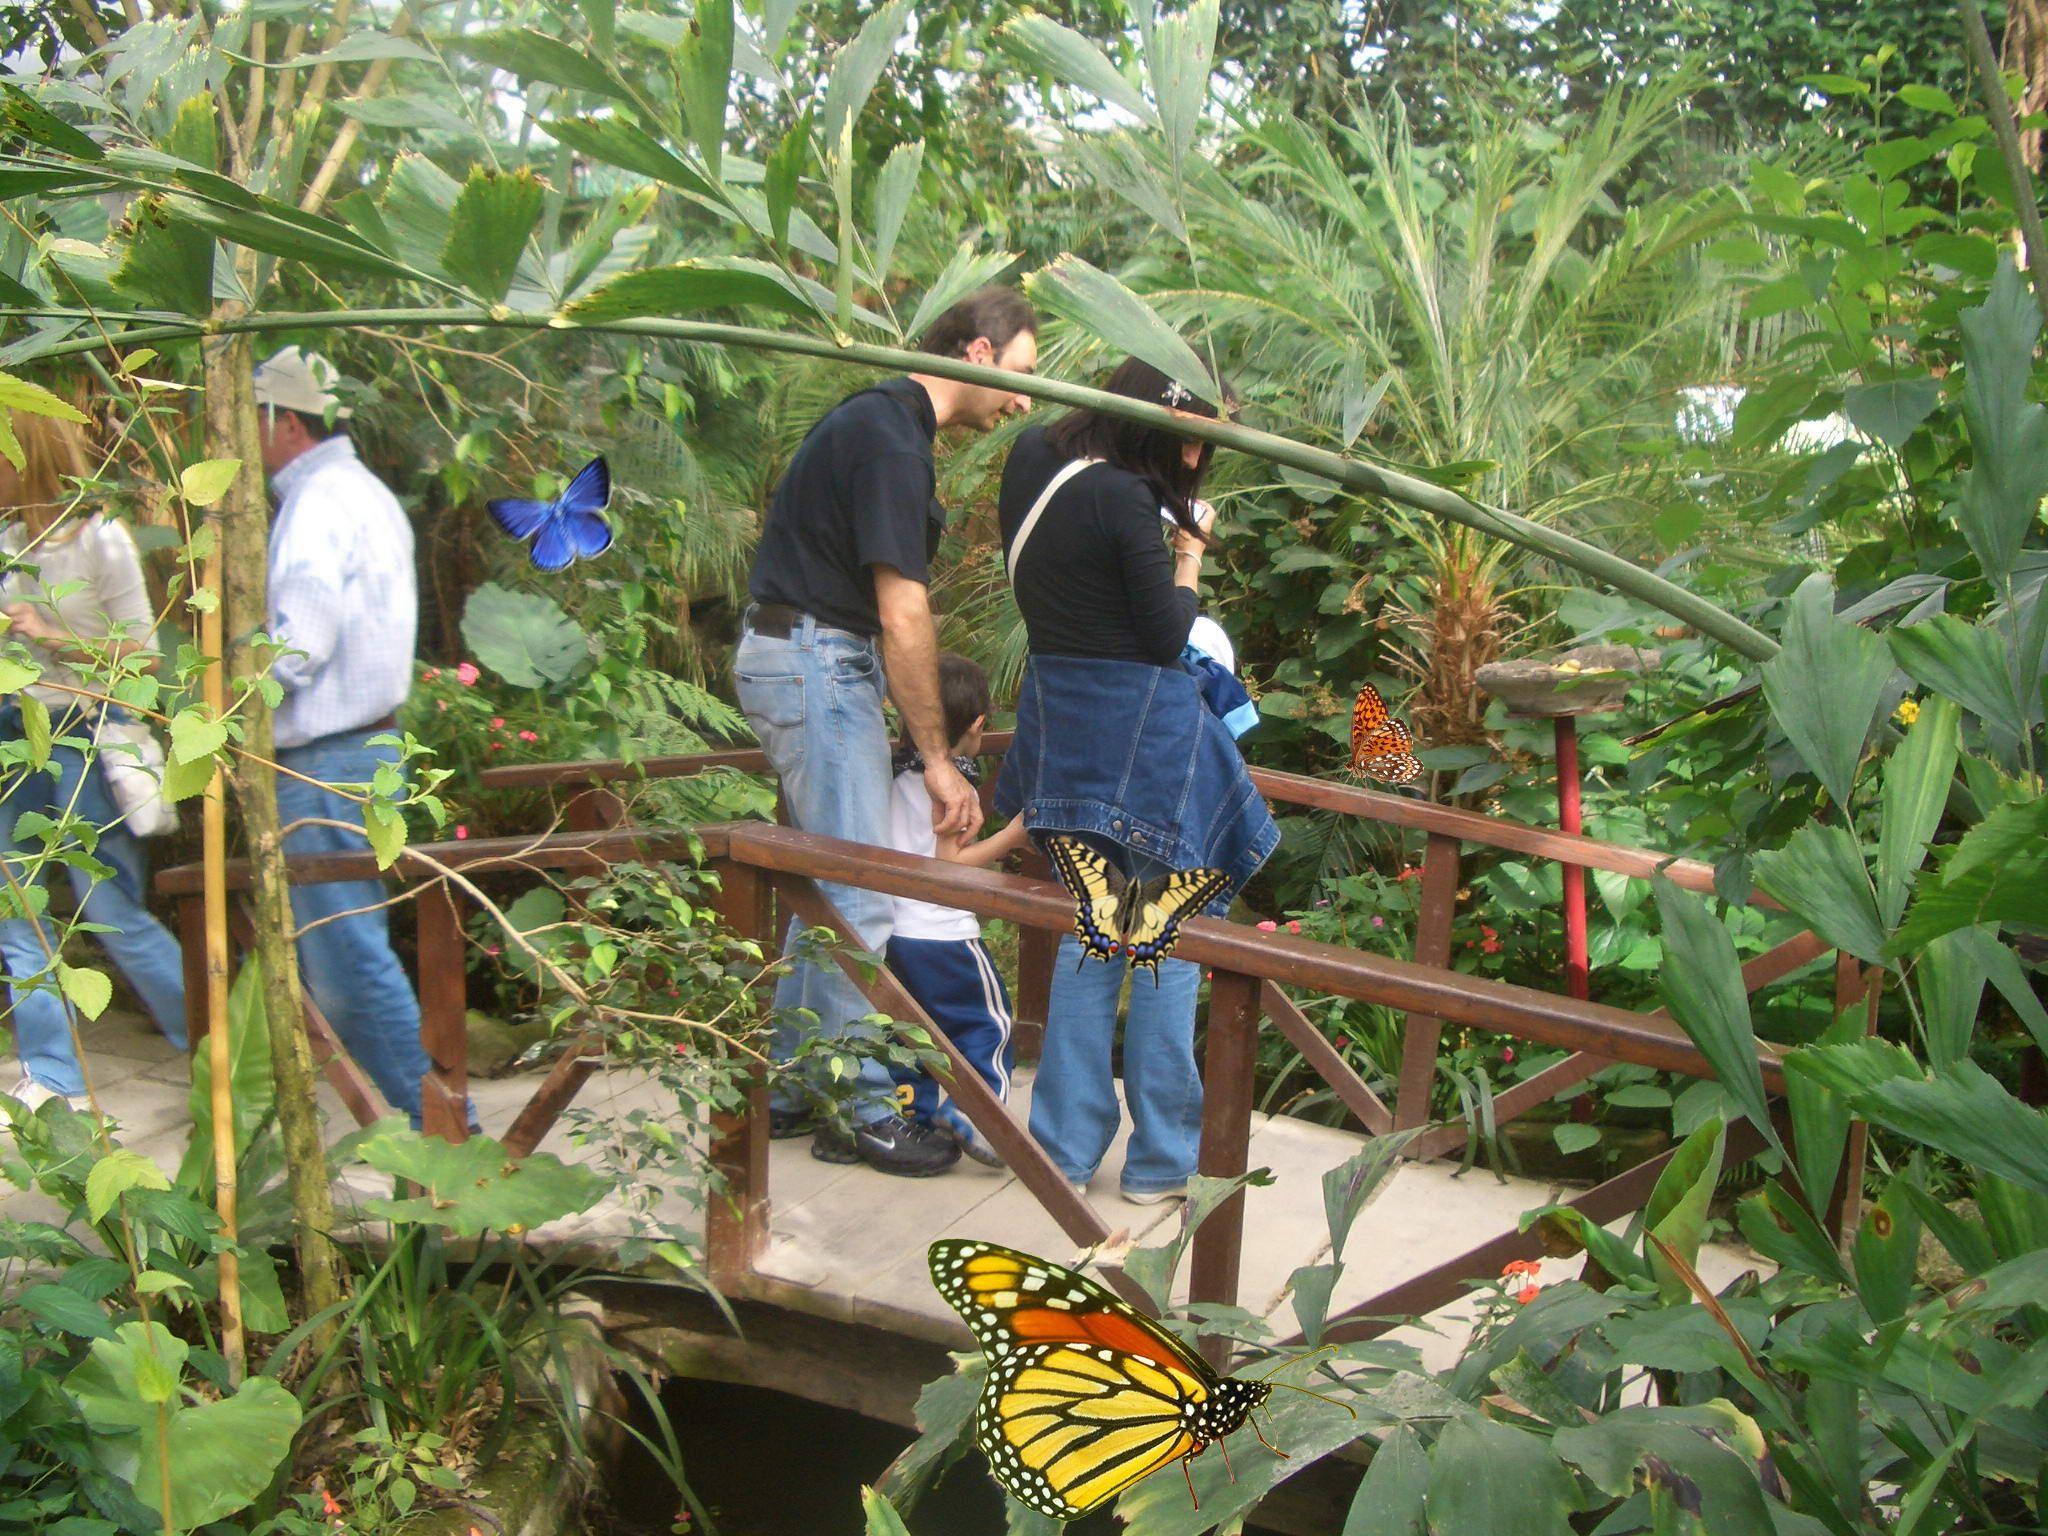 Casa delle farfalle bosco delle fate padova week end for Piani casa delle fate